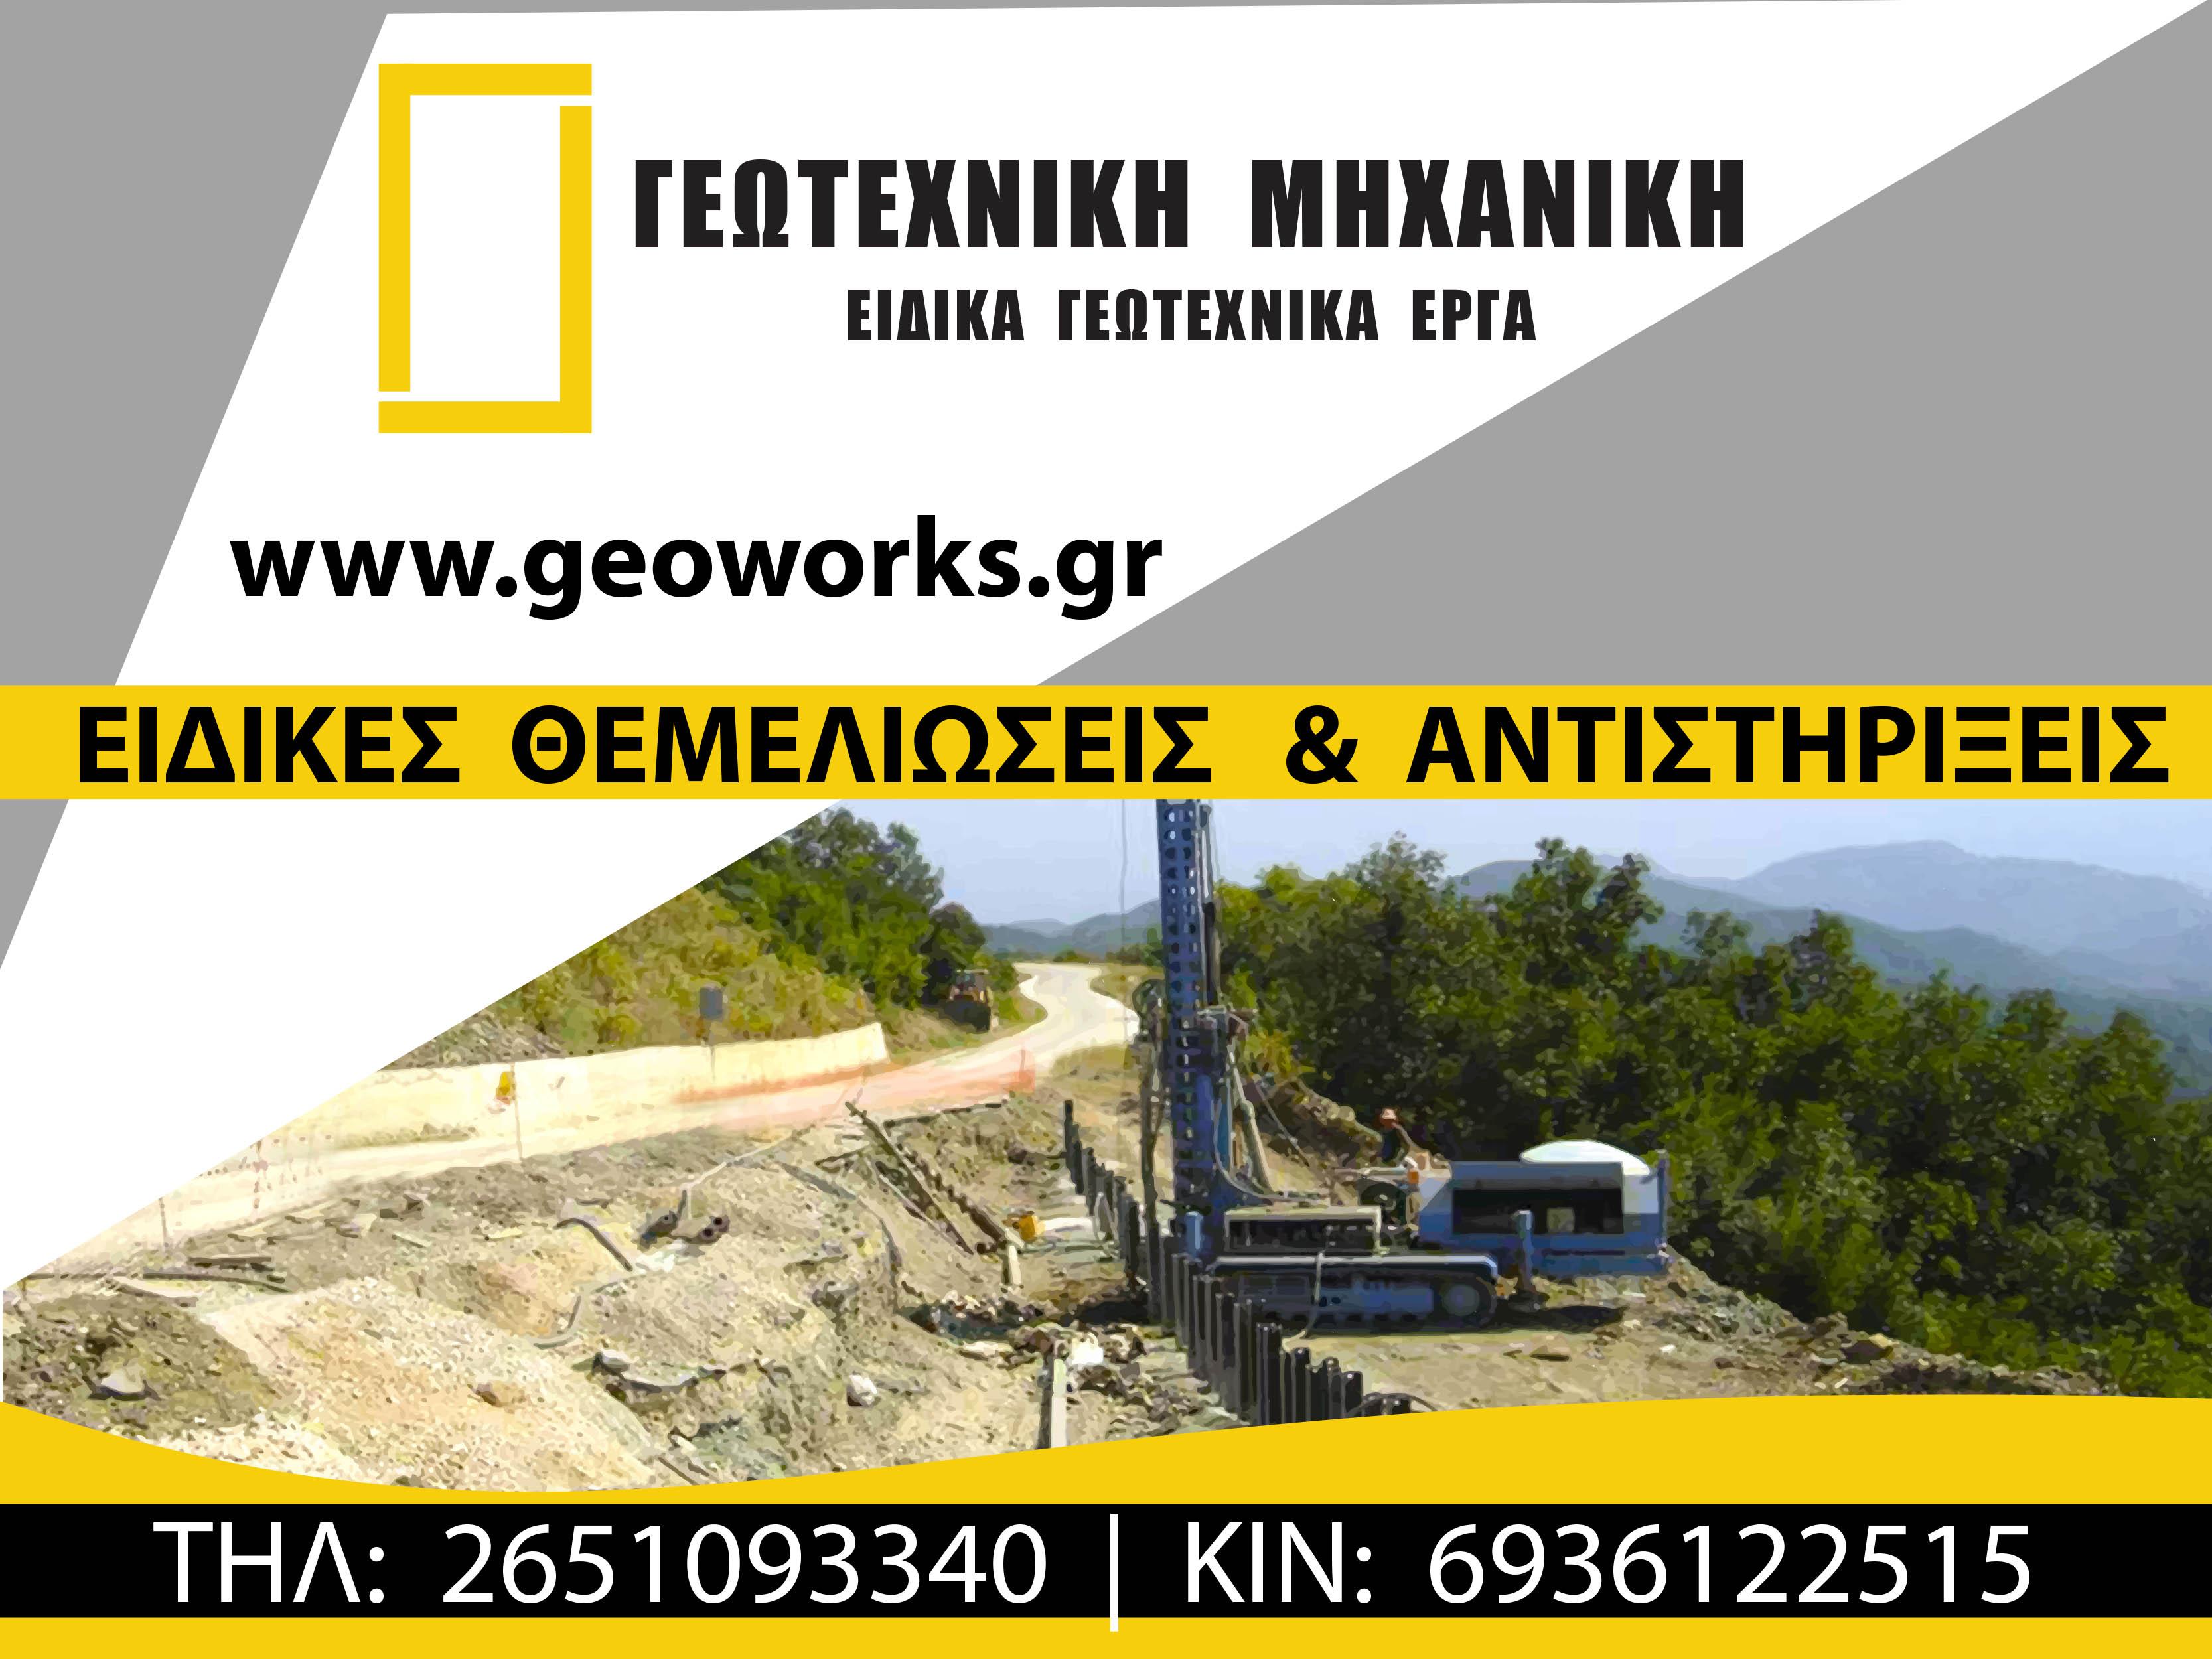 geotexniki